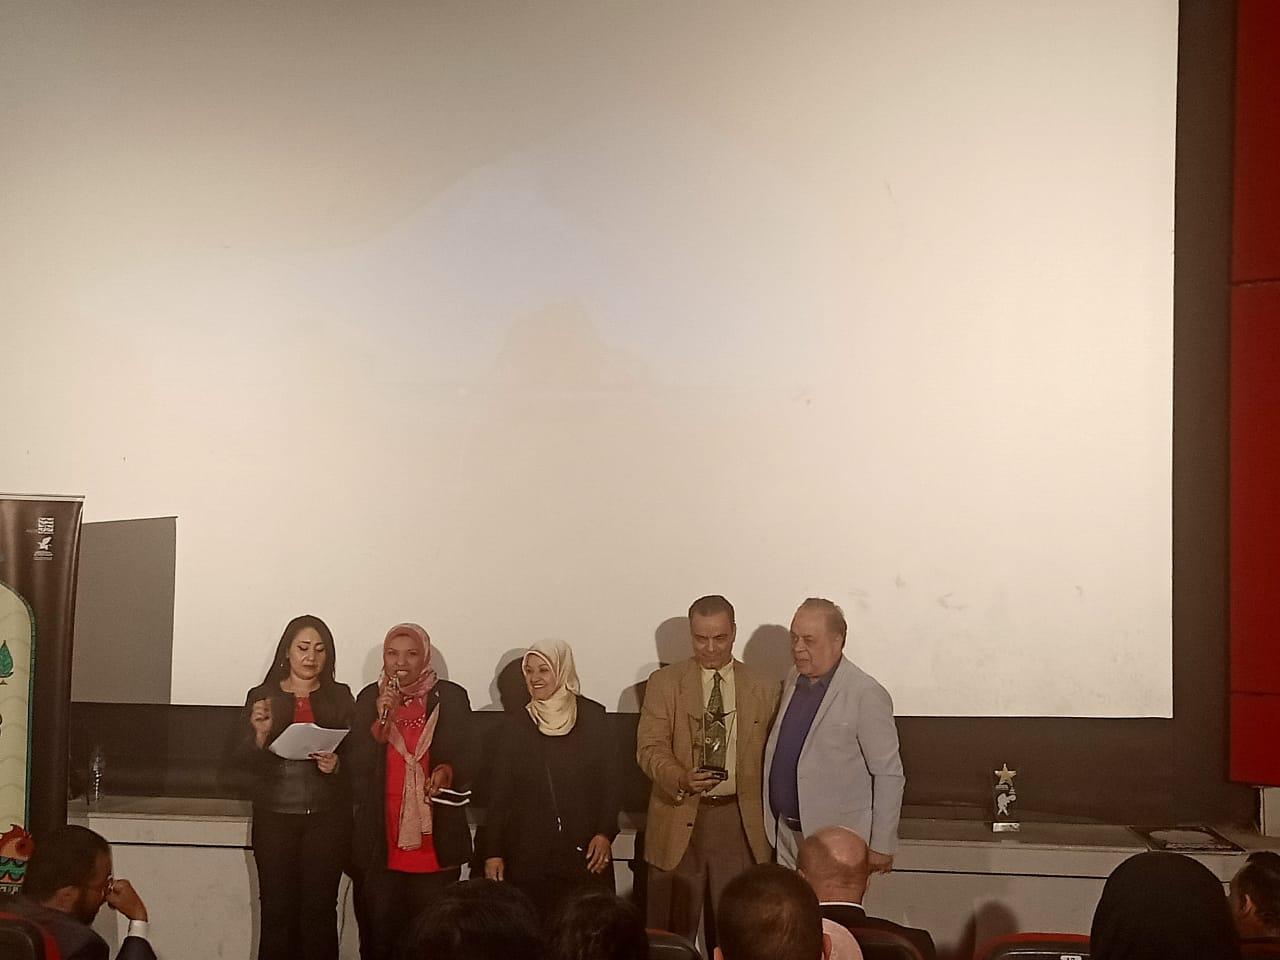 جوائز مهرجان القاهرة الدولي (3)